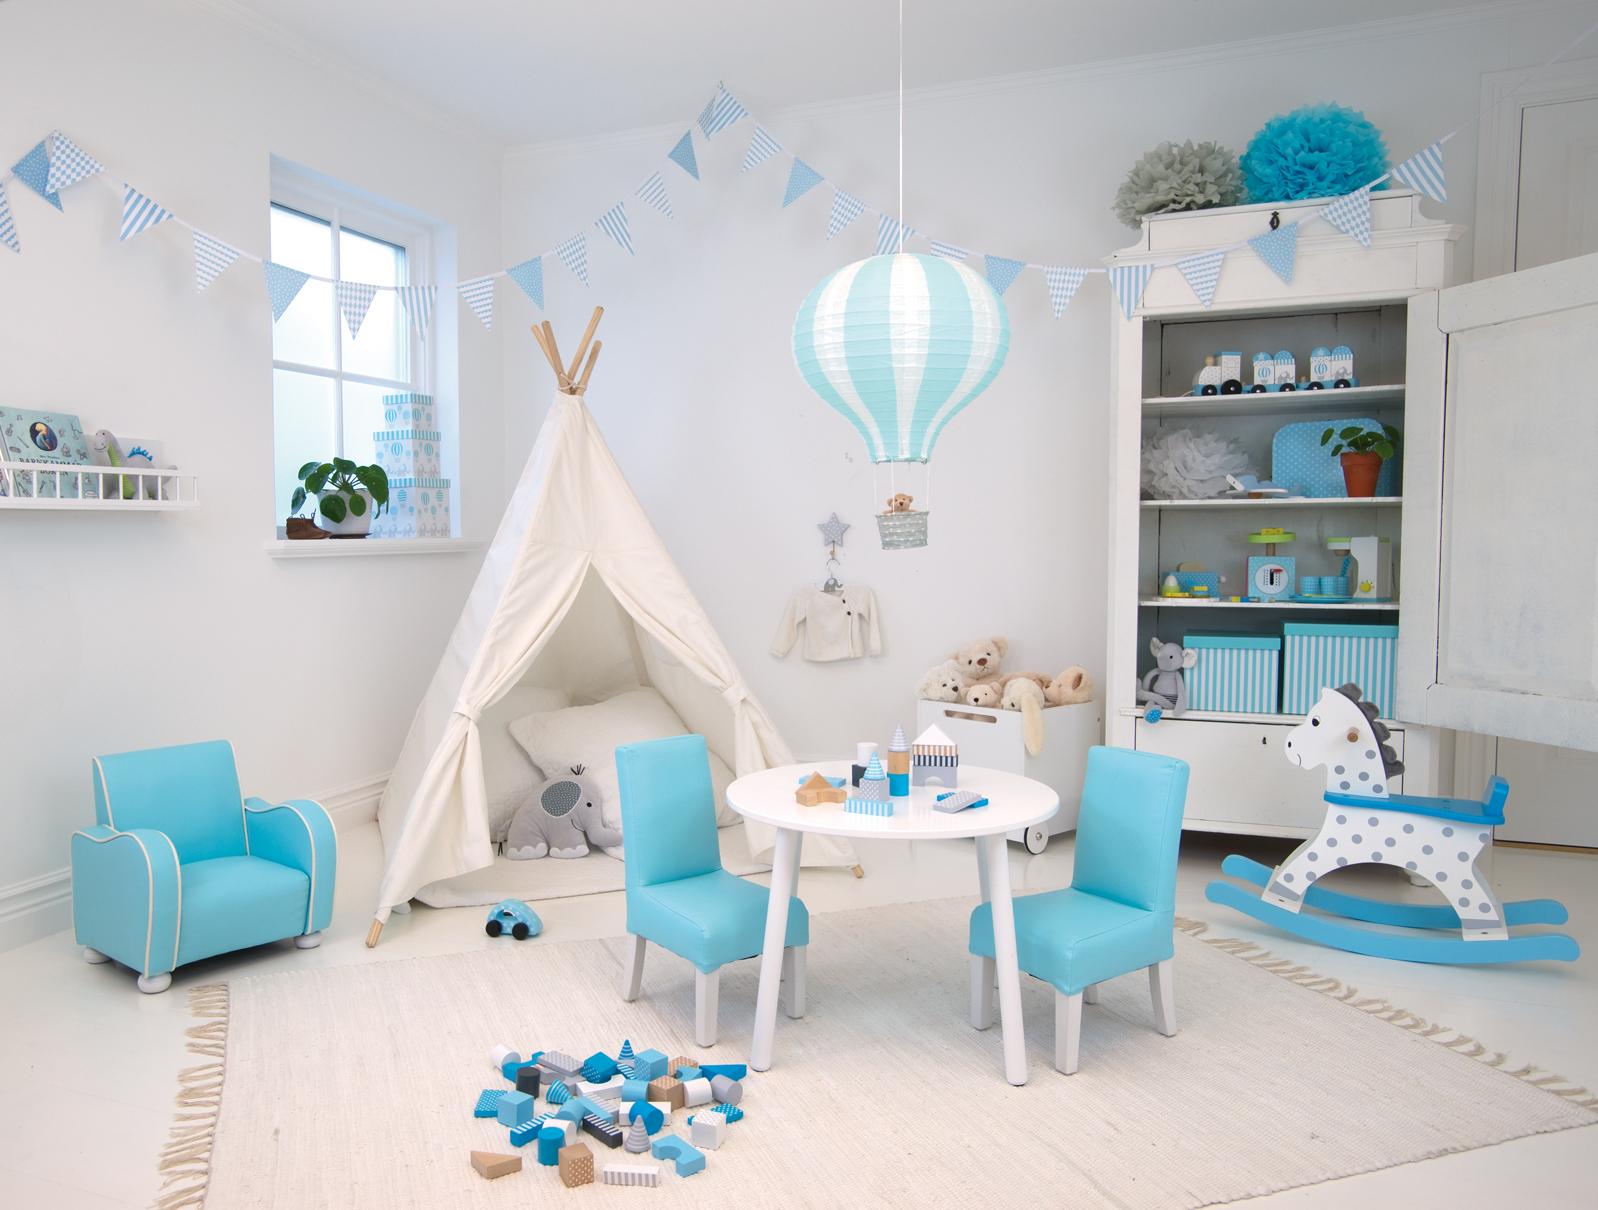 Full Size of Aufbewahrungsboxen Kinderzimmer Blau Wei Online Furnart Regal Weiß Regale Sofa Kinderzimmer Aufbewahrungsboxen Kinderzimmer